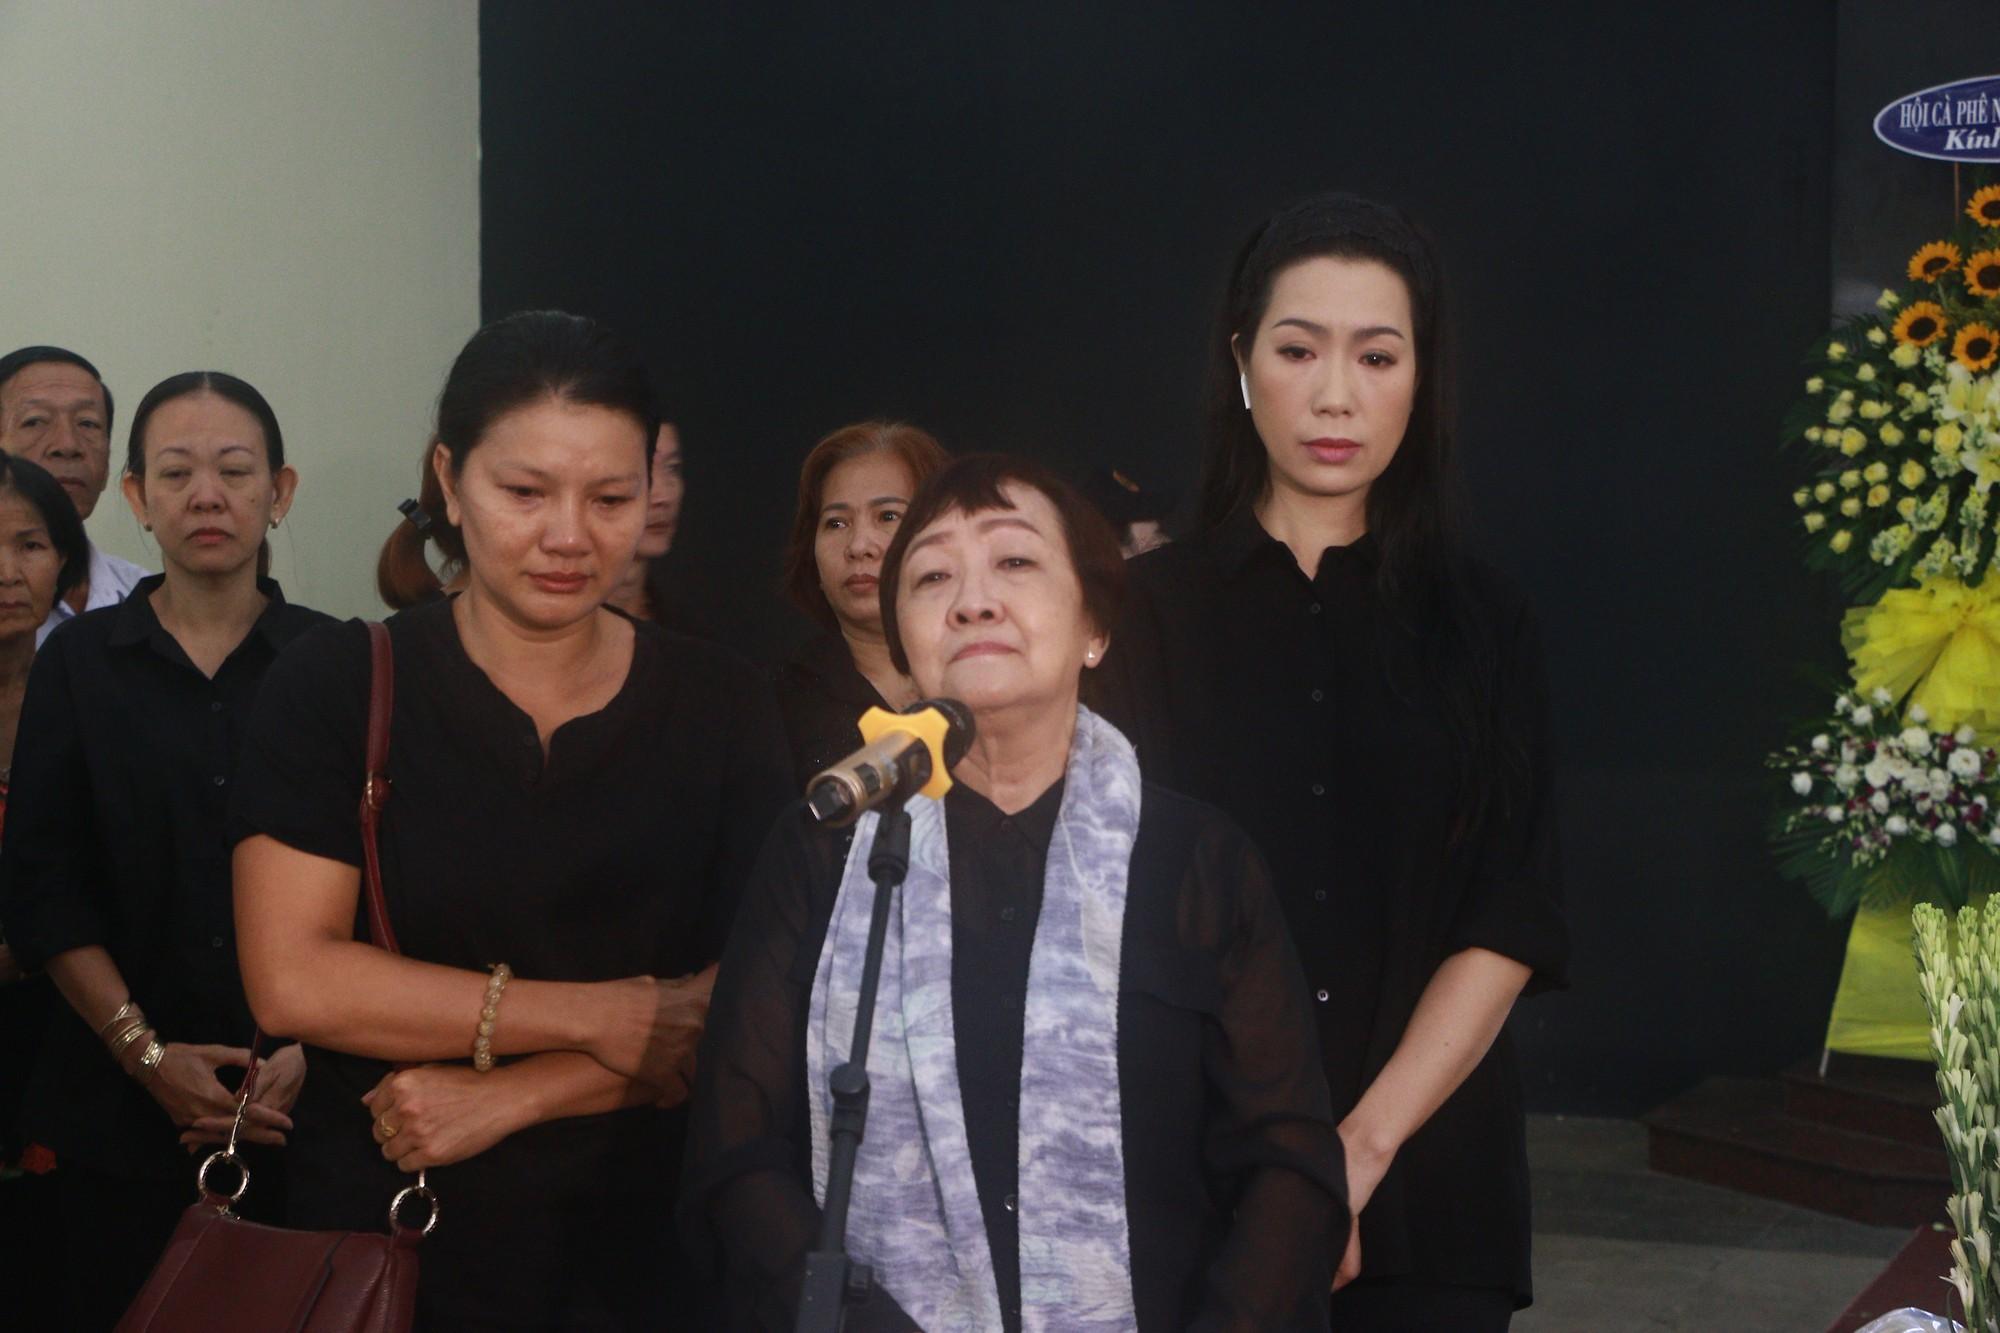 NSƯT Thành Lộc và nhiều đồng nghiệp nghẹn ngào đưa tiễn nghệ sĩ Lê Bình  - Ảnh 3.